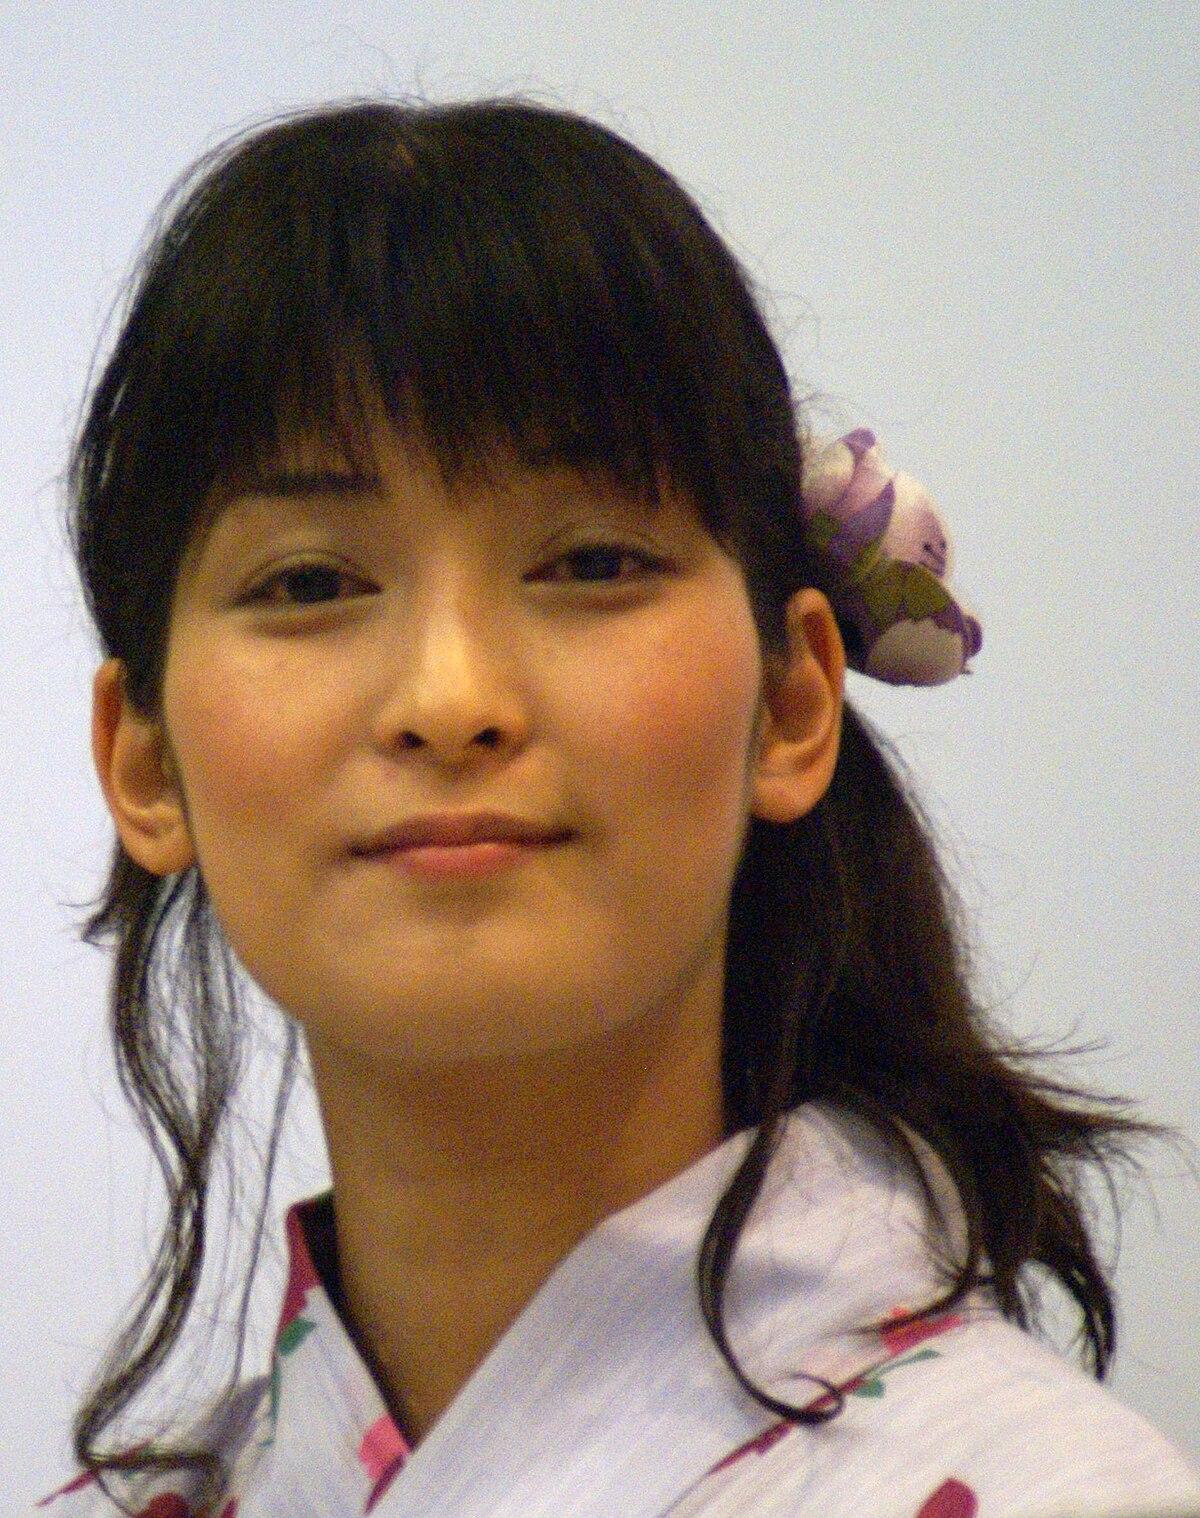 川澄綾子 - Wikipedia